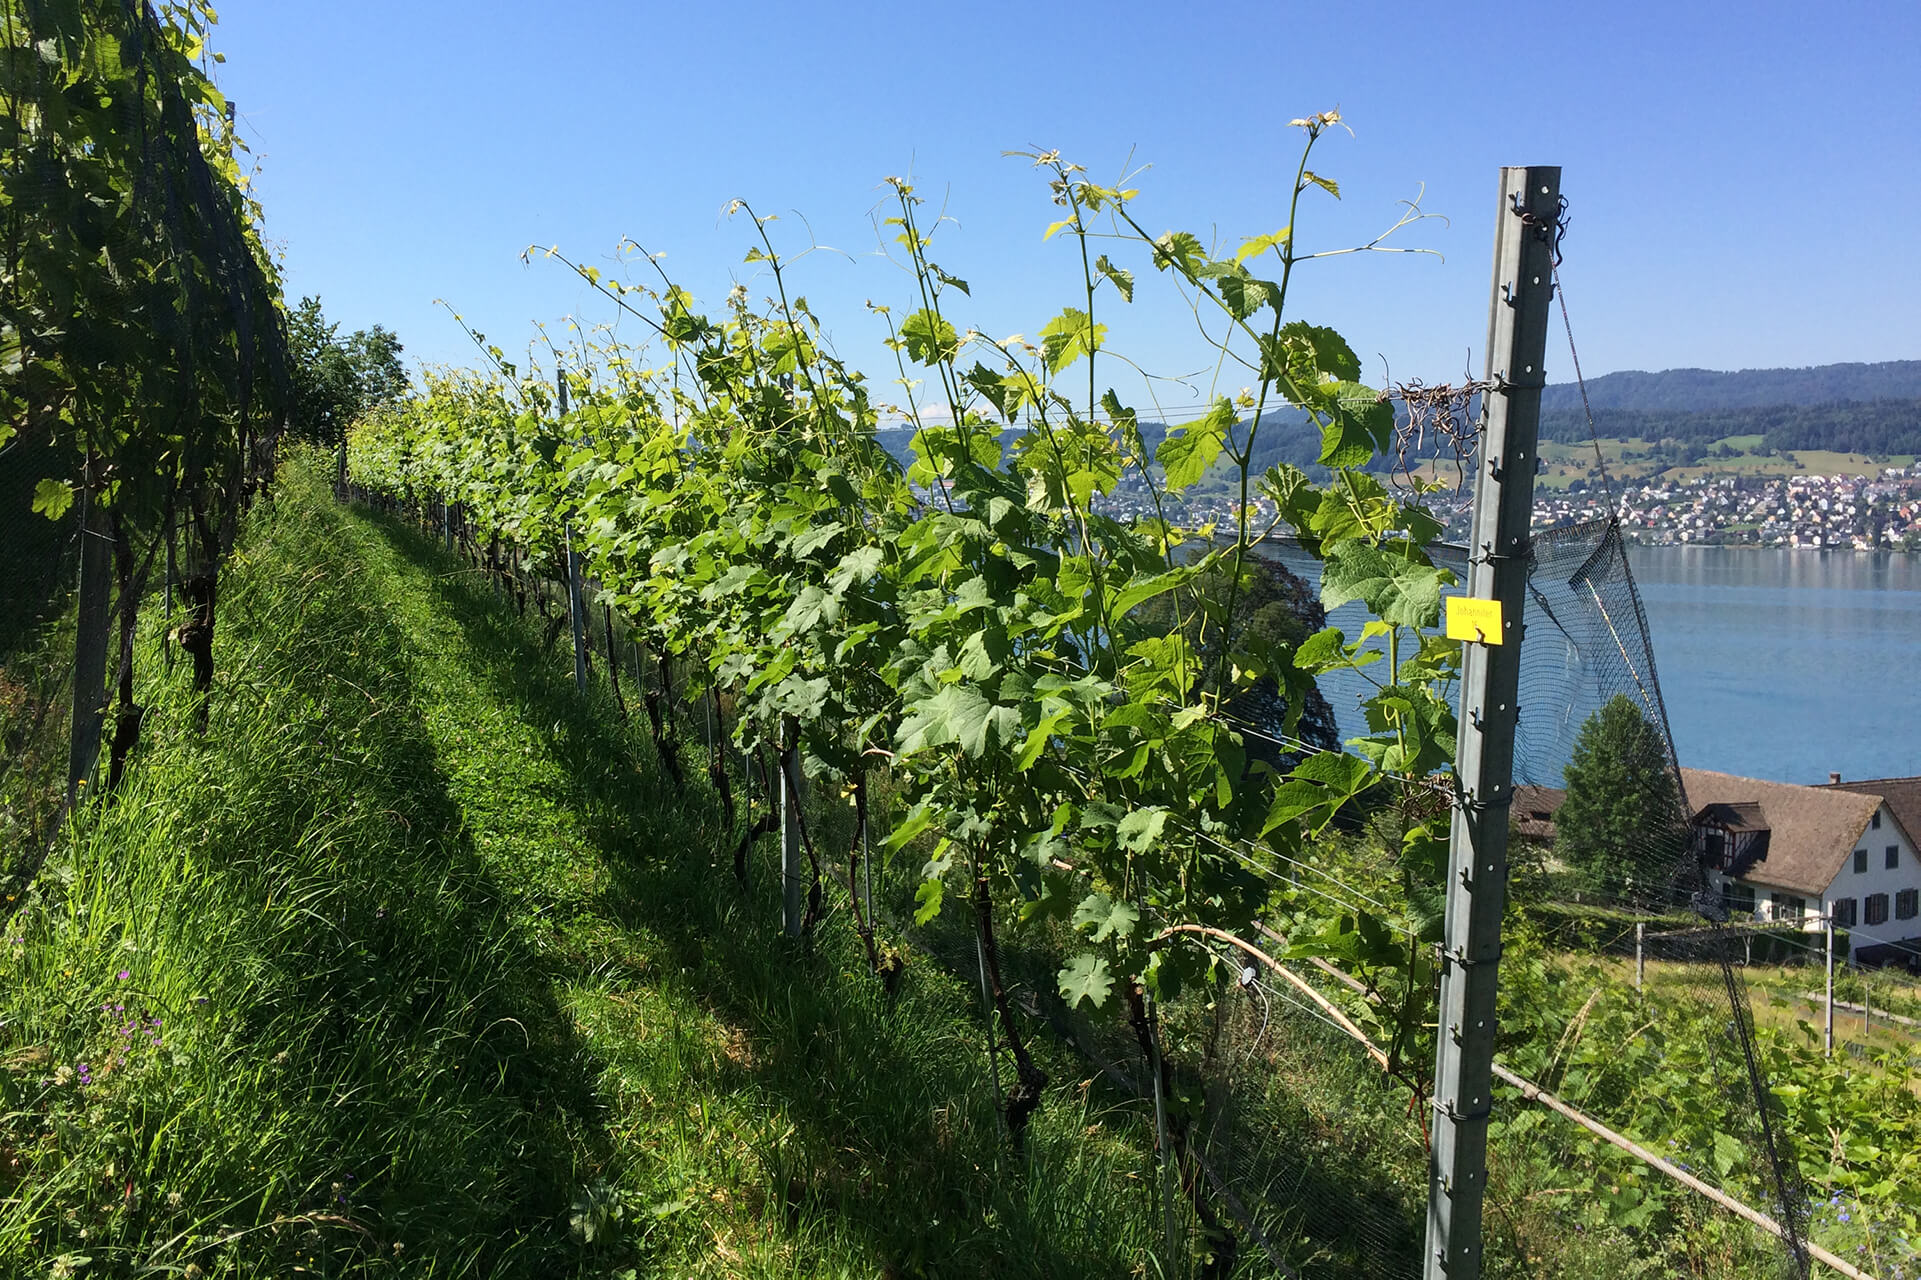 Johanniter ist eine bekannte Rebsorte für den Piwi-Wein.